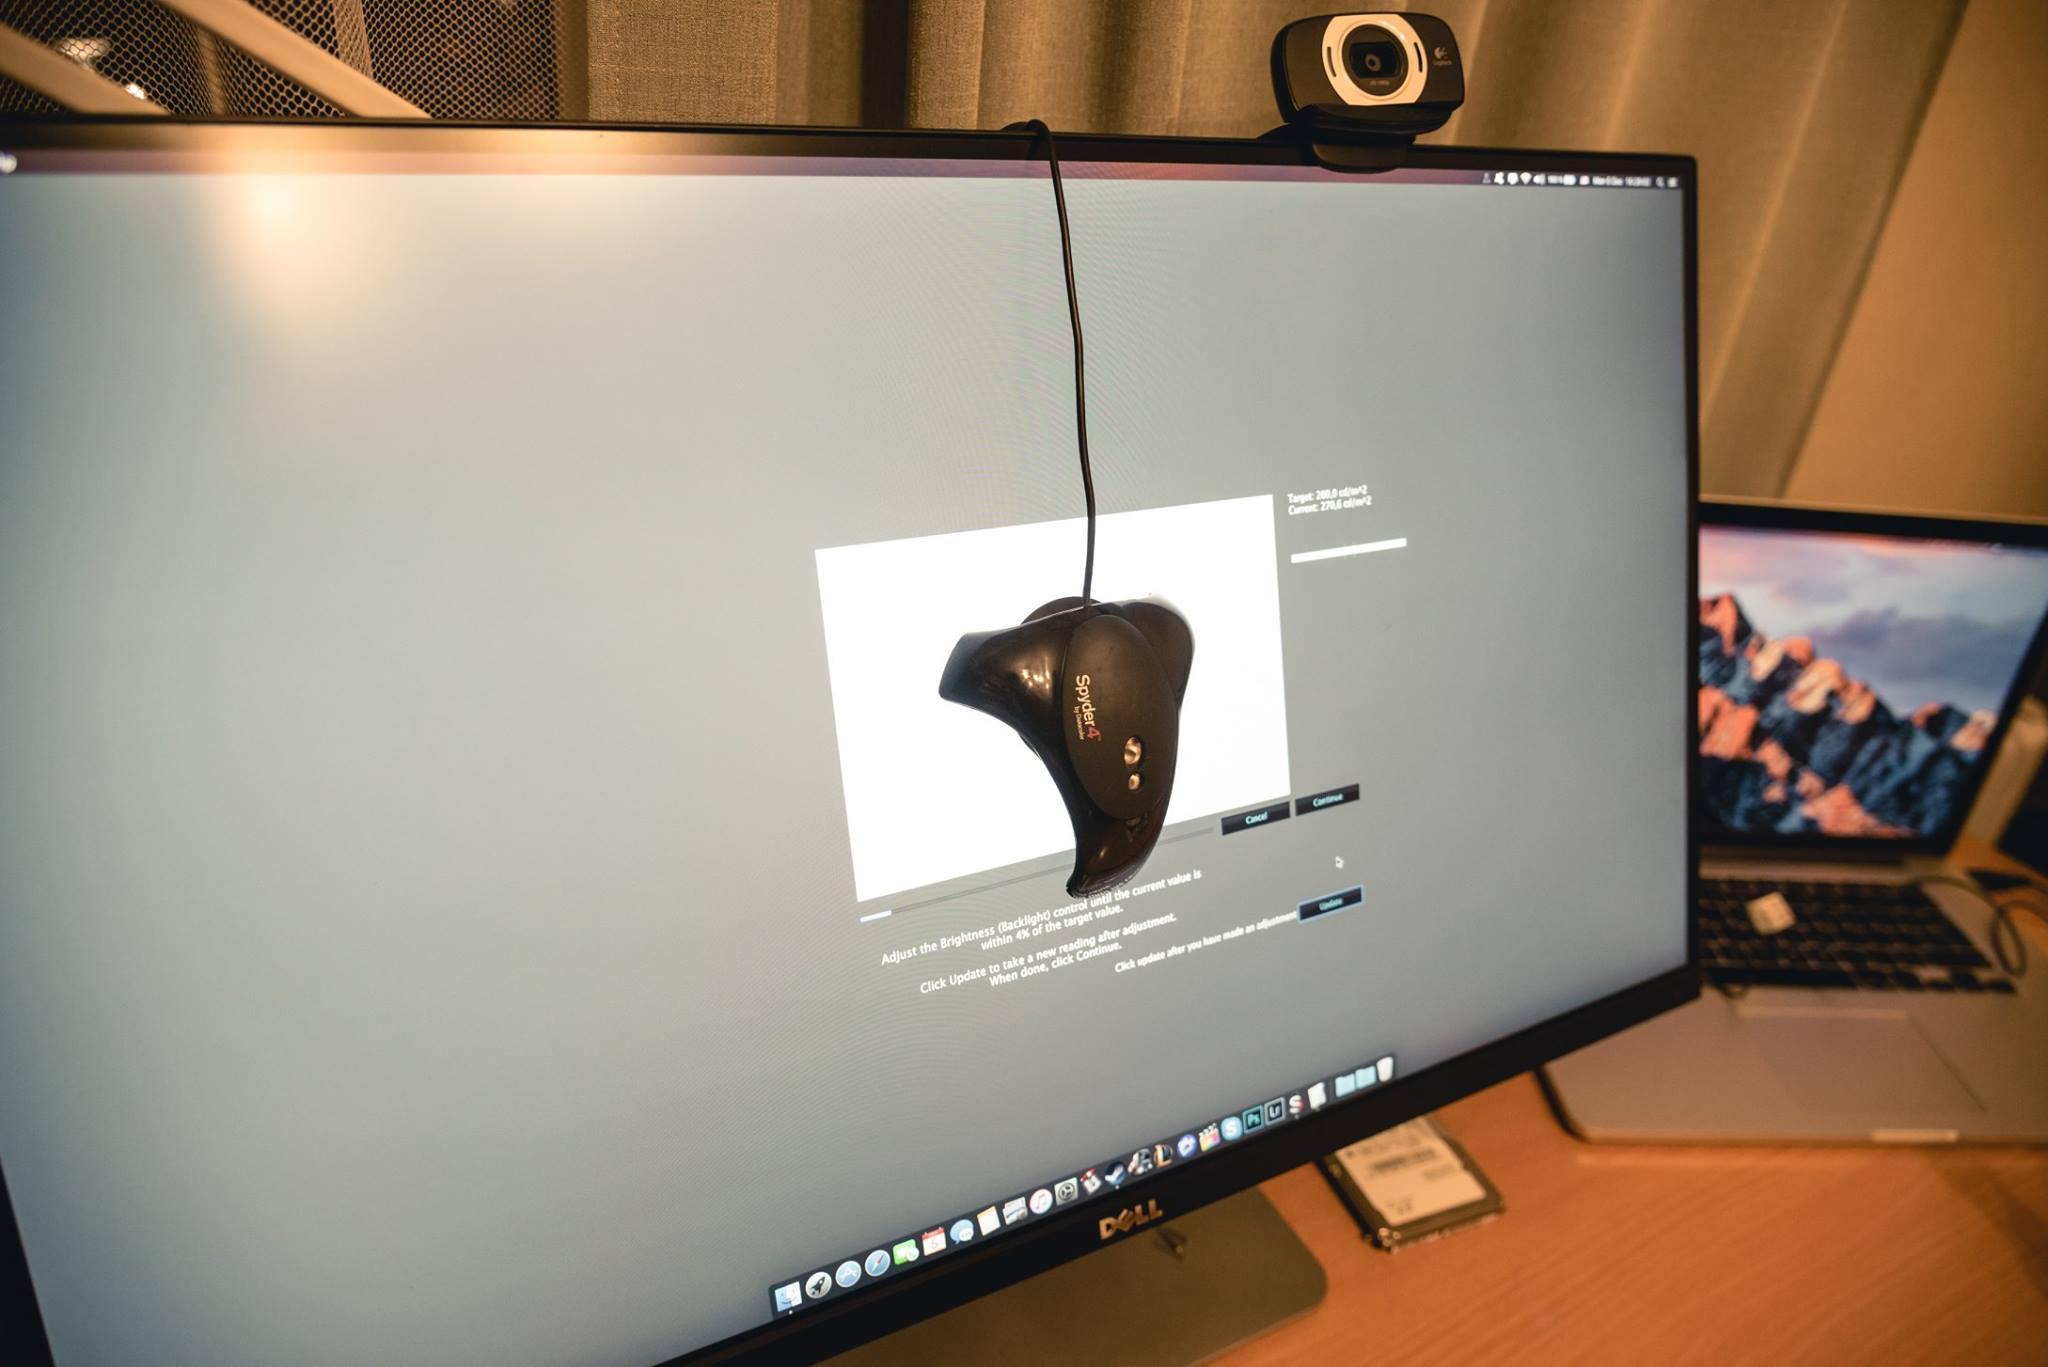 Monitorių spalvų tvarkymas